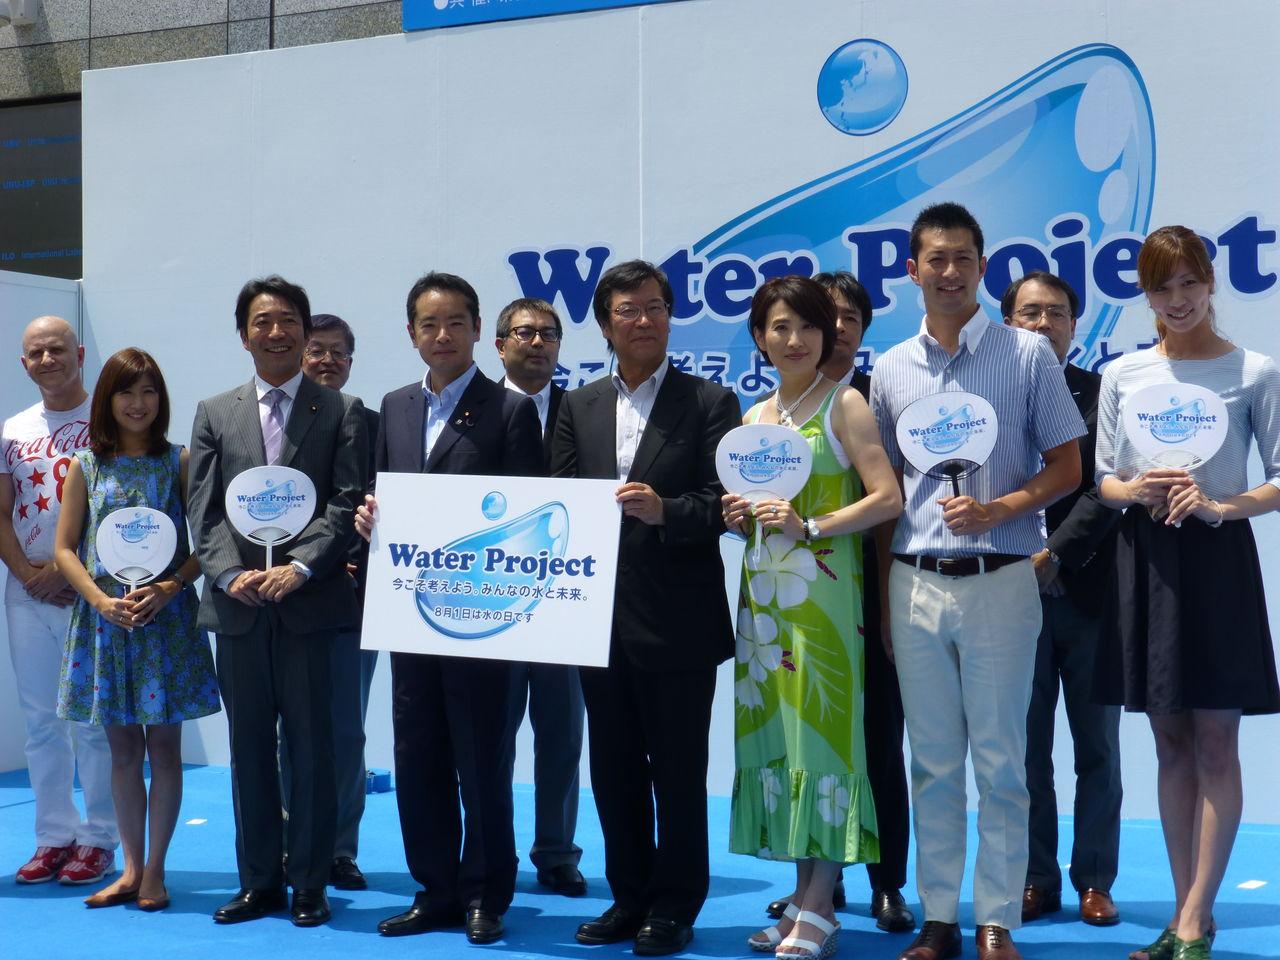 20140801水の日イベント 木場弘子さんや根本美緒さんなどの著名人にも参加してもらい、おかげ